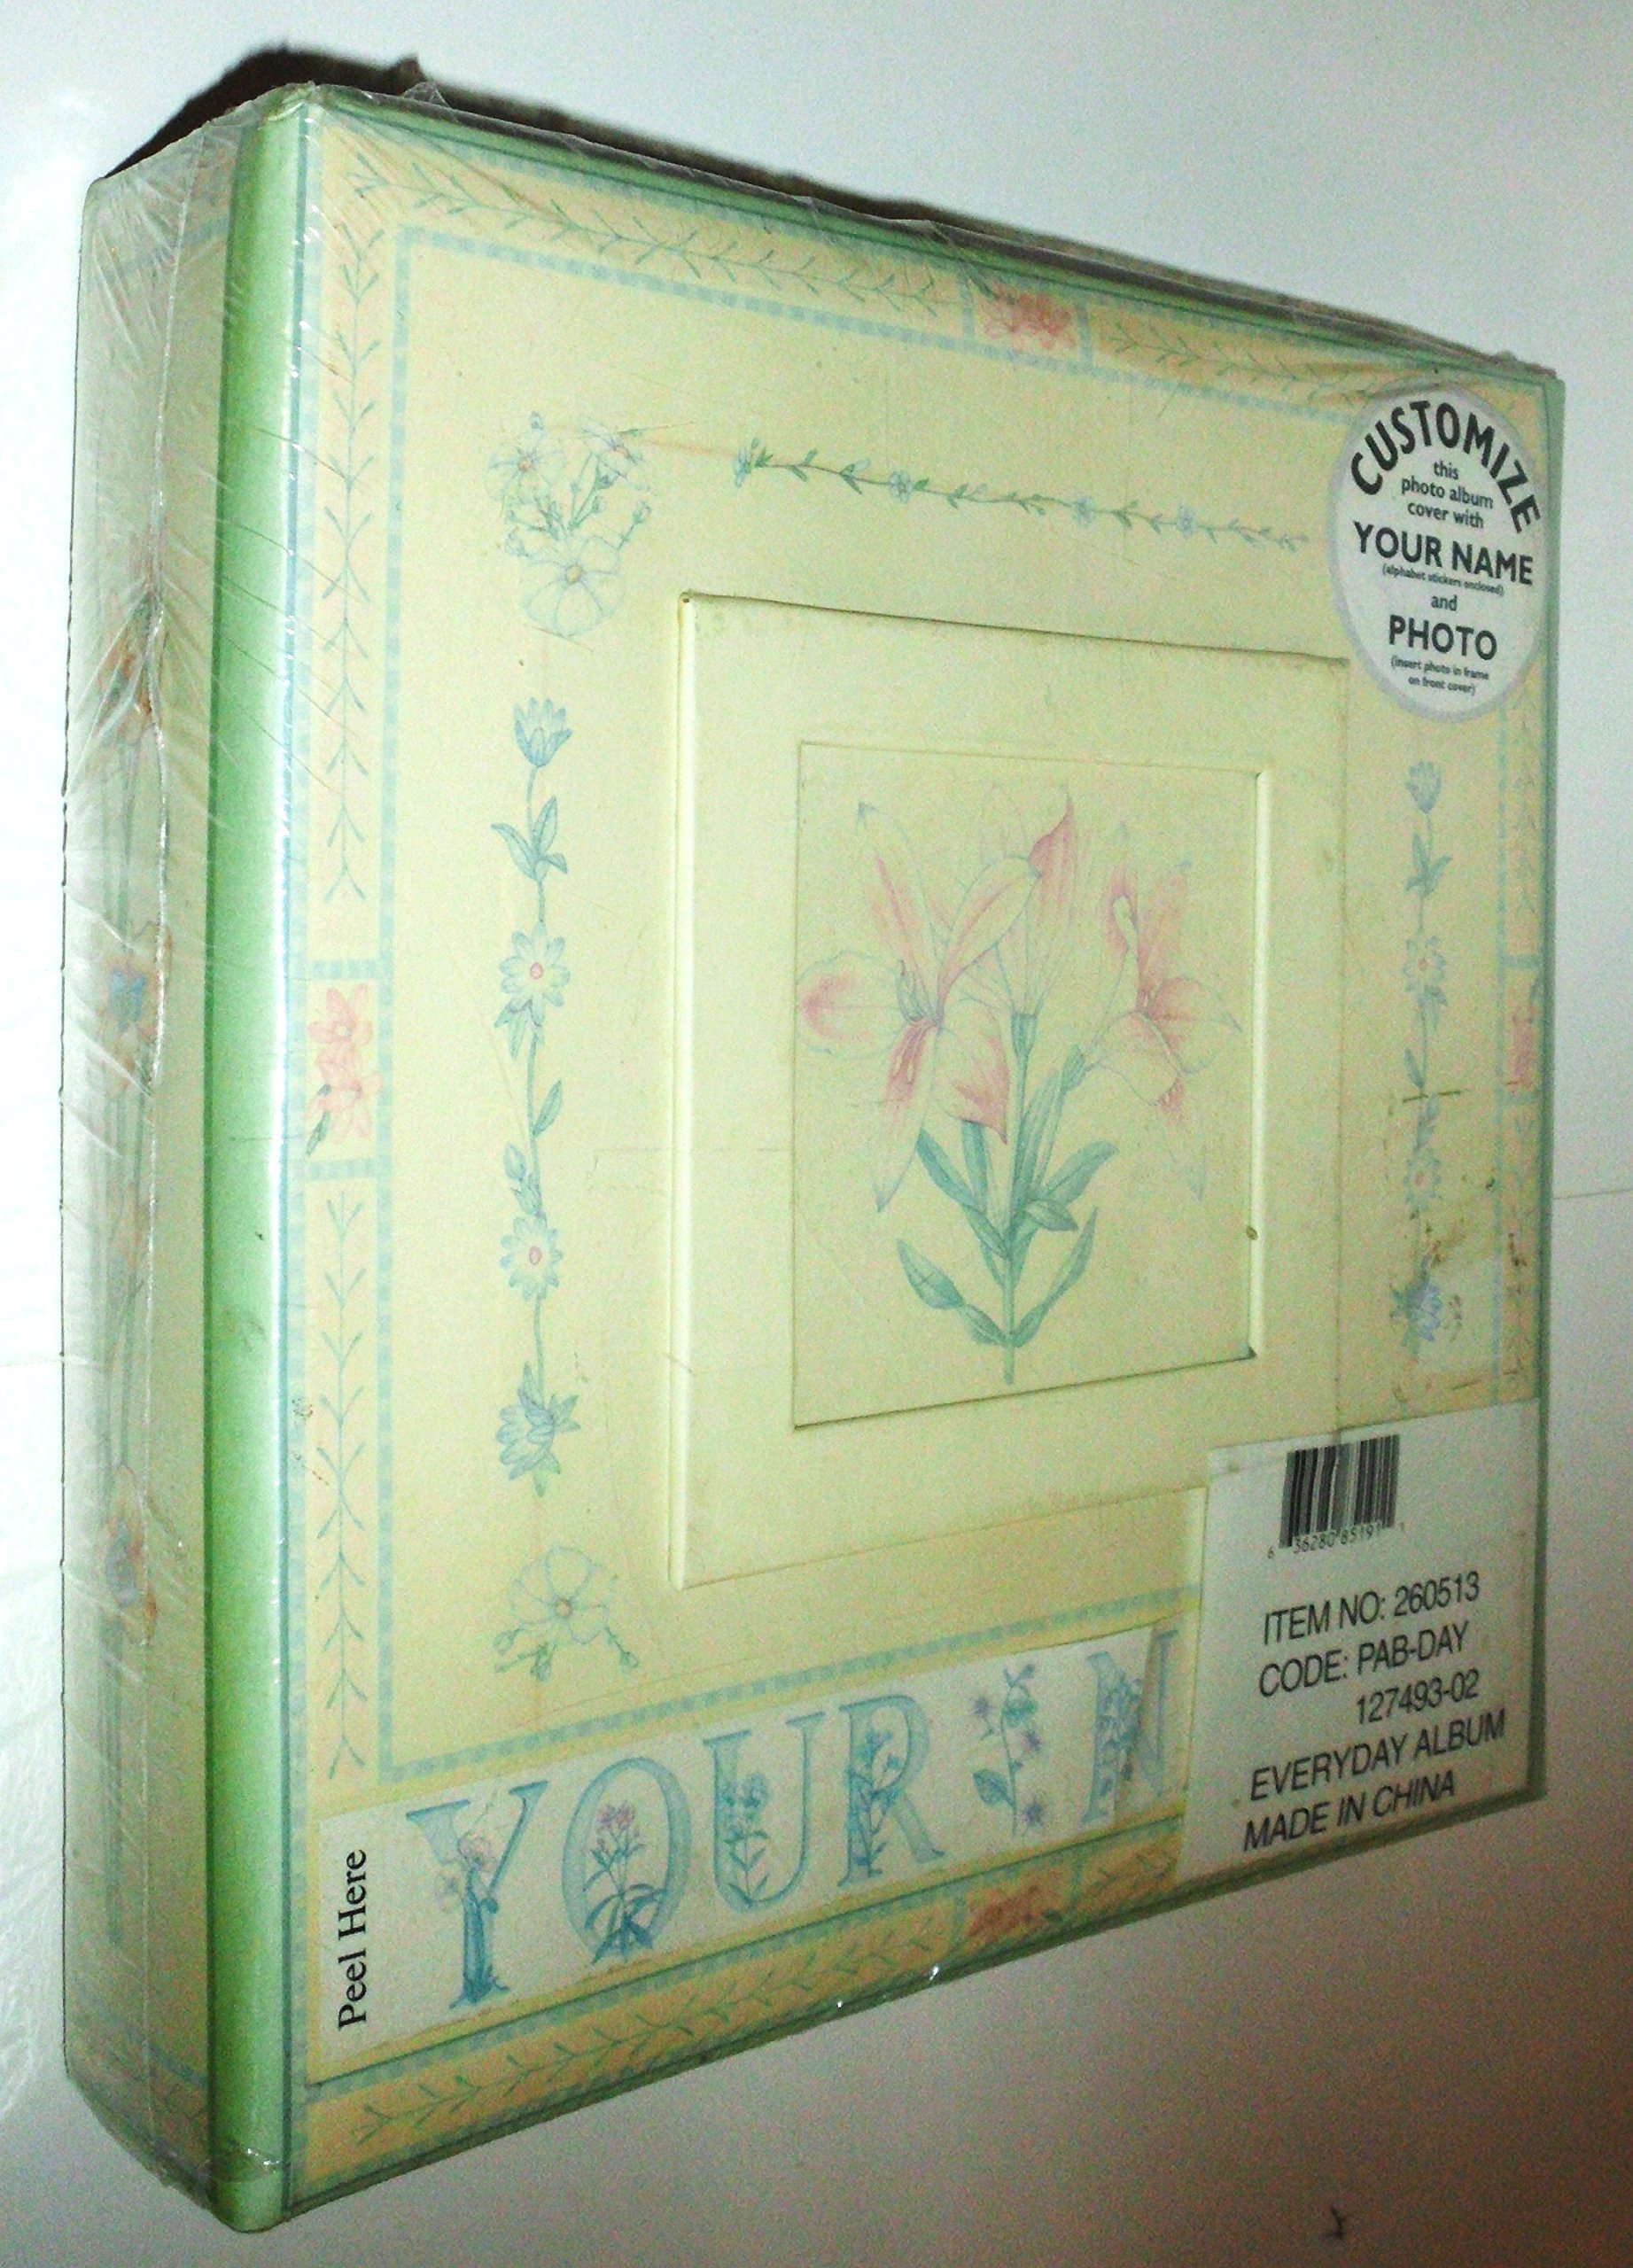 Havoc Everyday Photo Album - Floral - 260513 - 9'' x 9'' by havoc